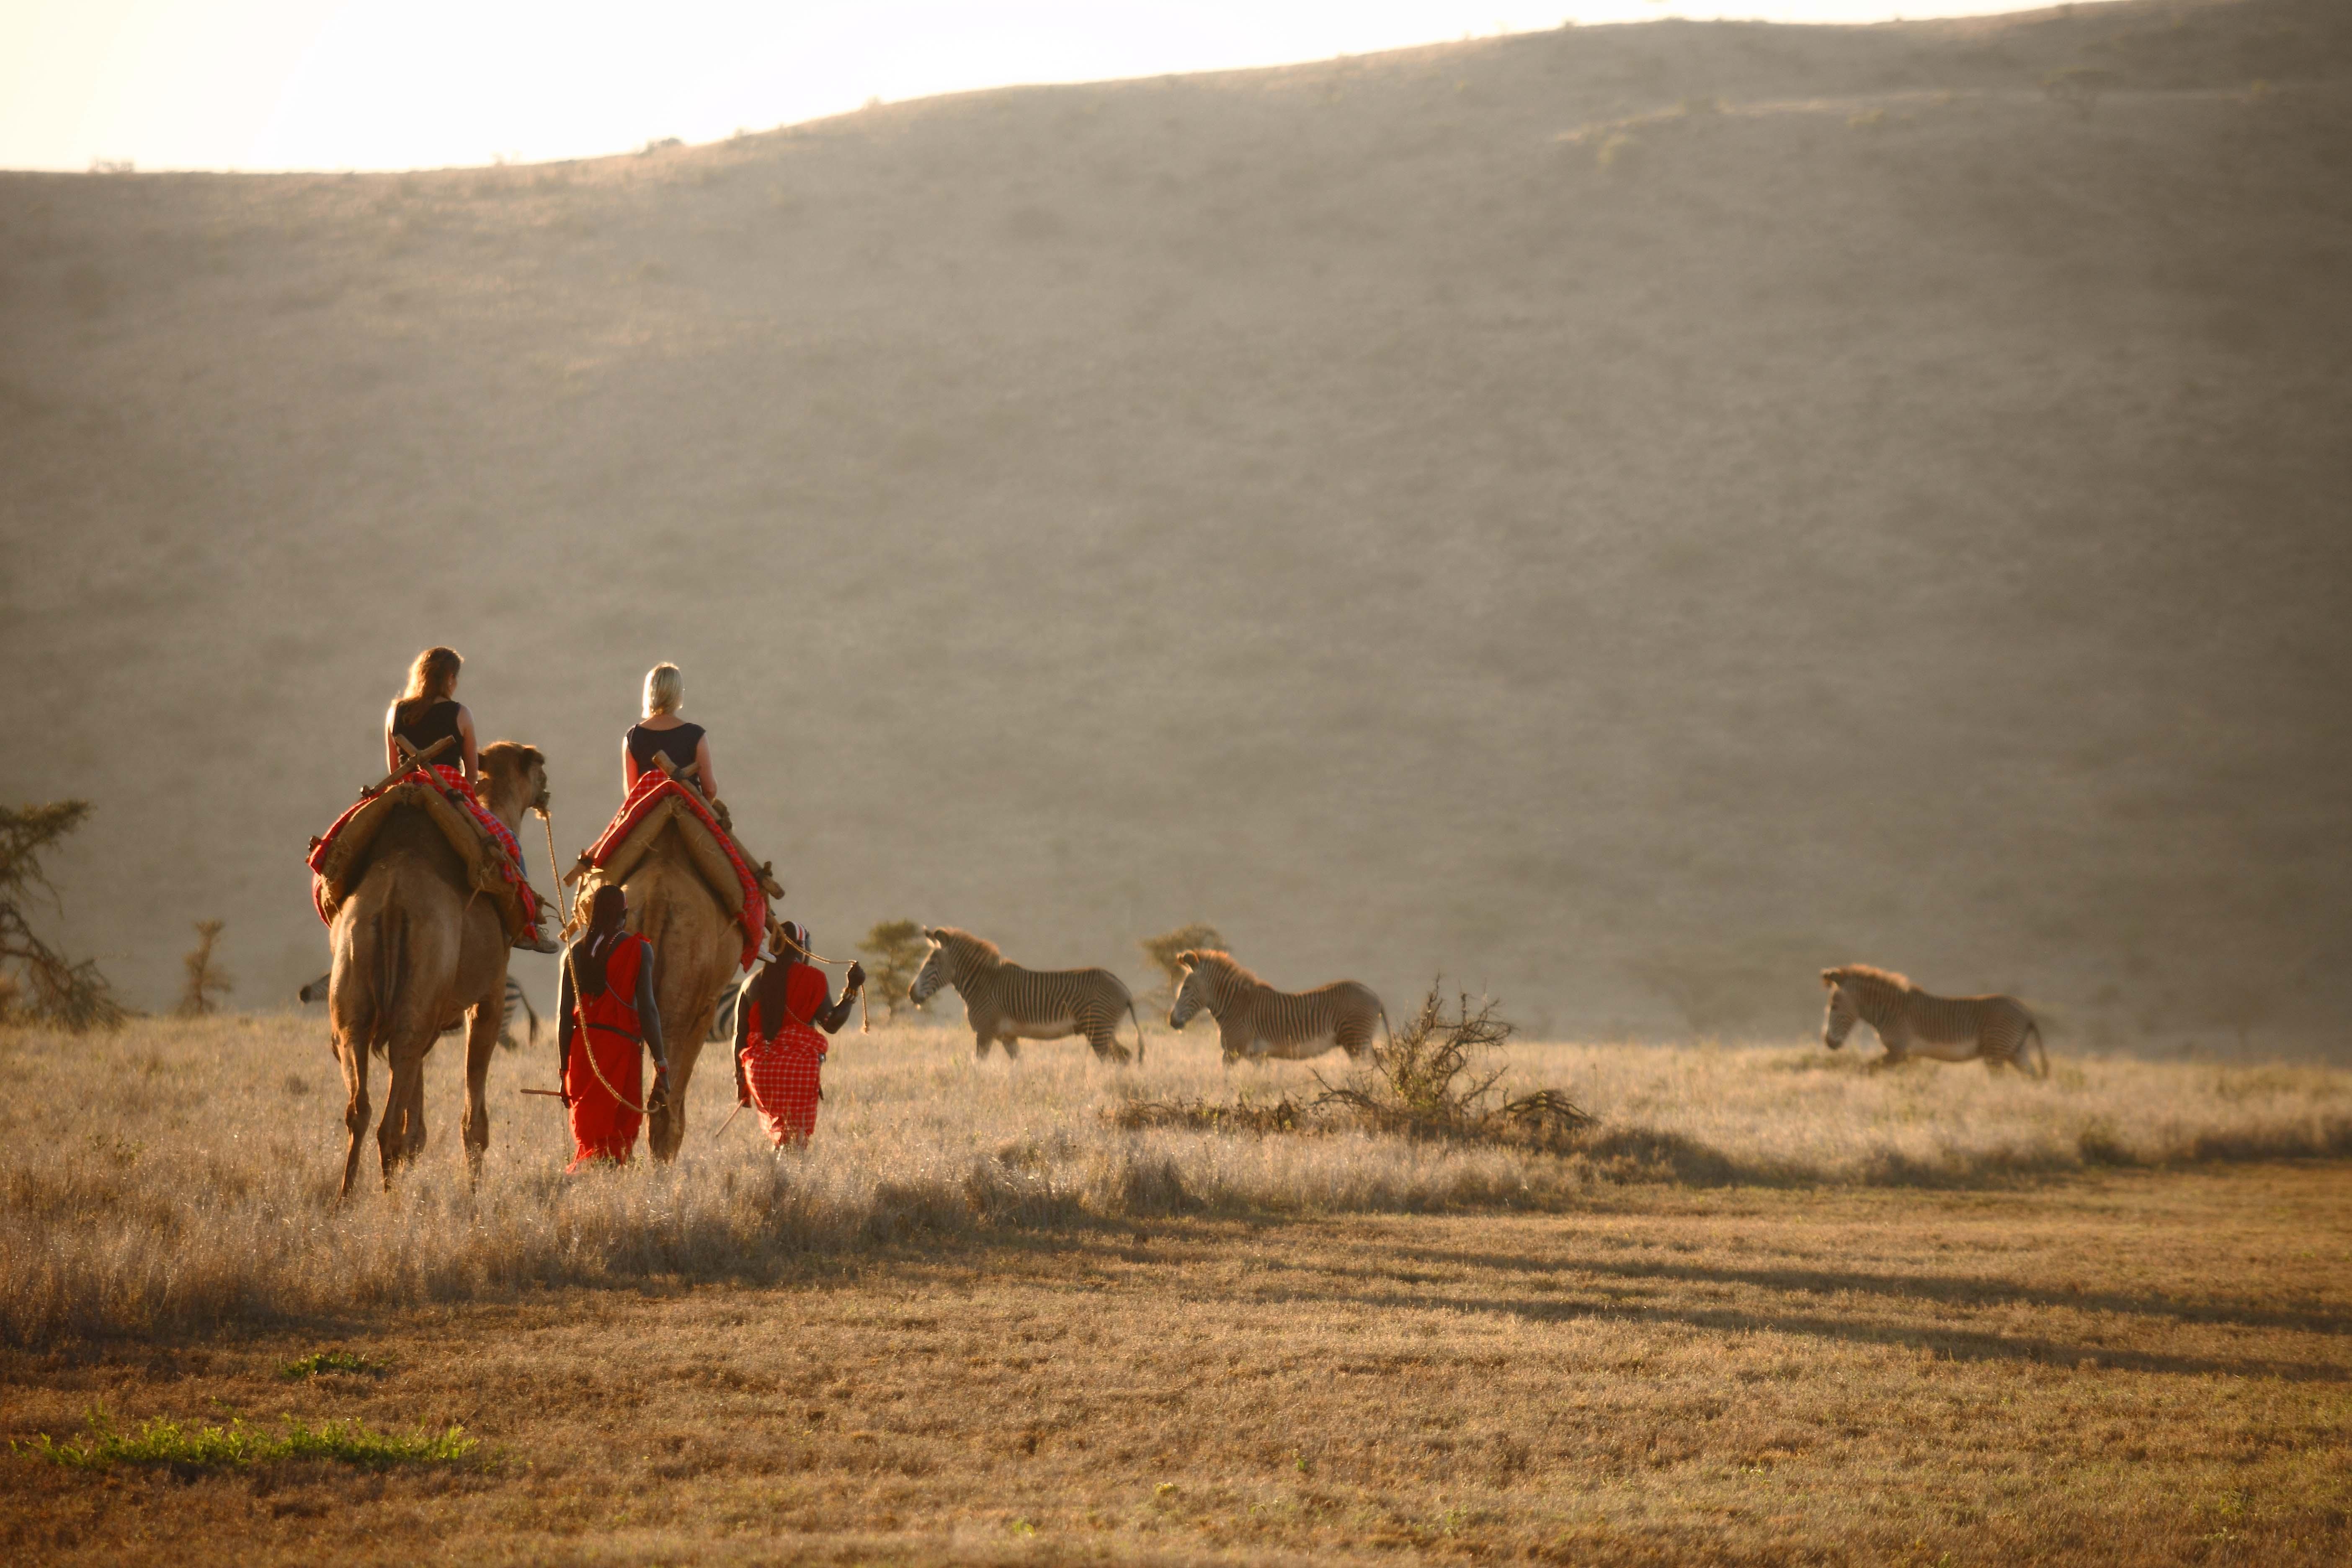 Partir à la découverte du Kenya avec safarivo.com